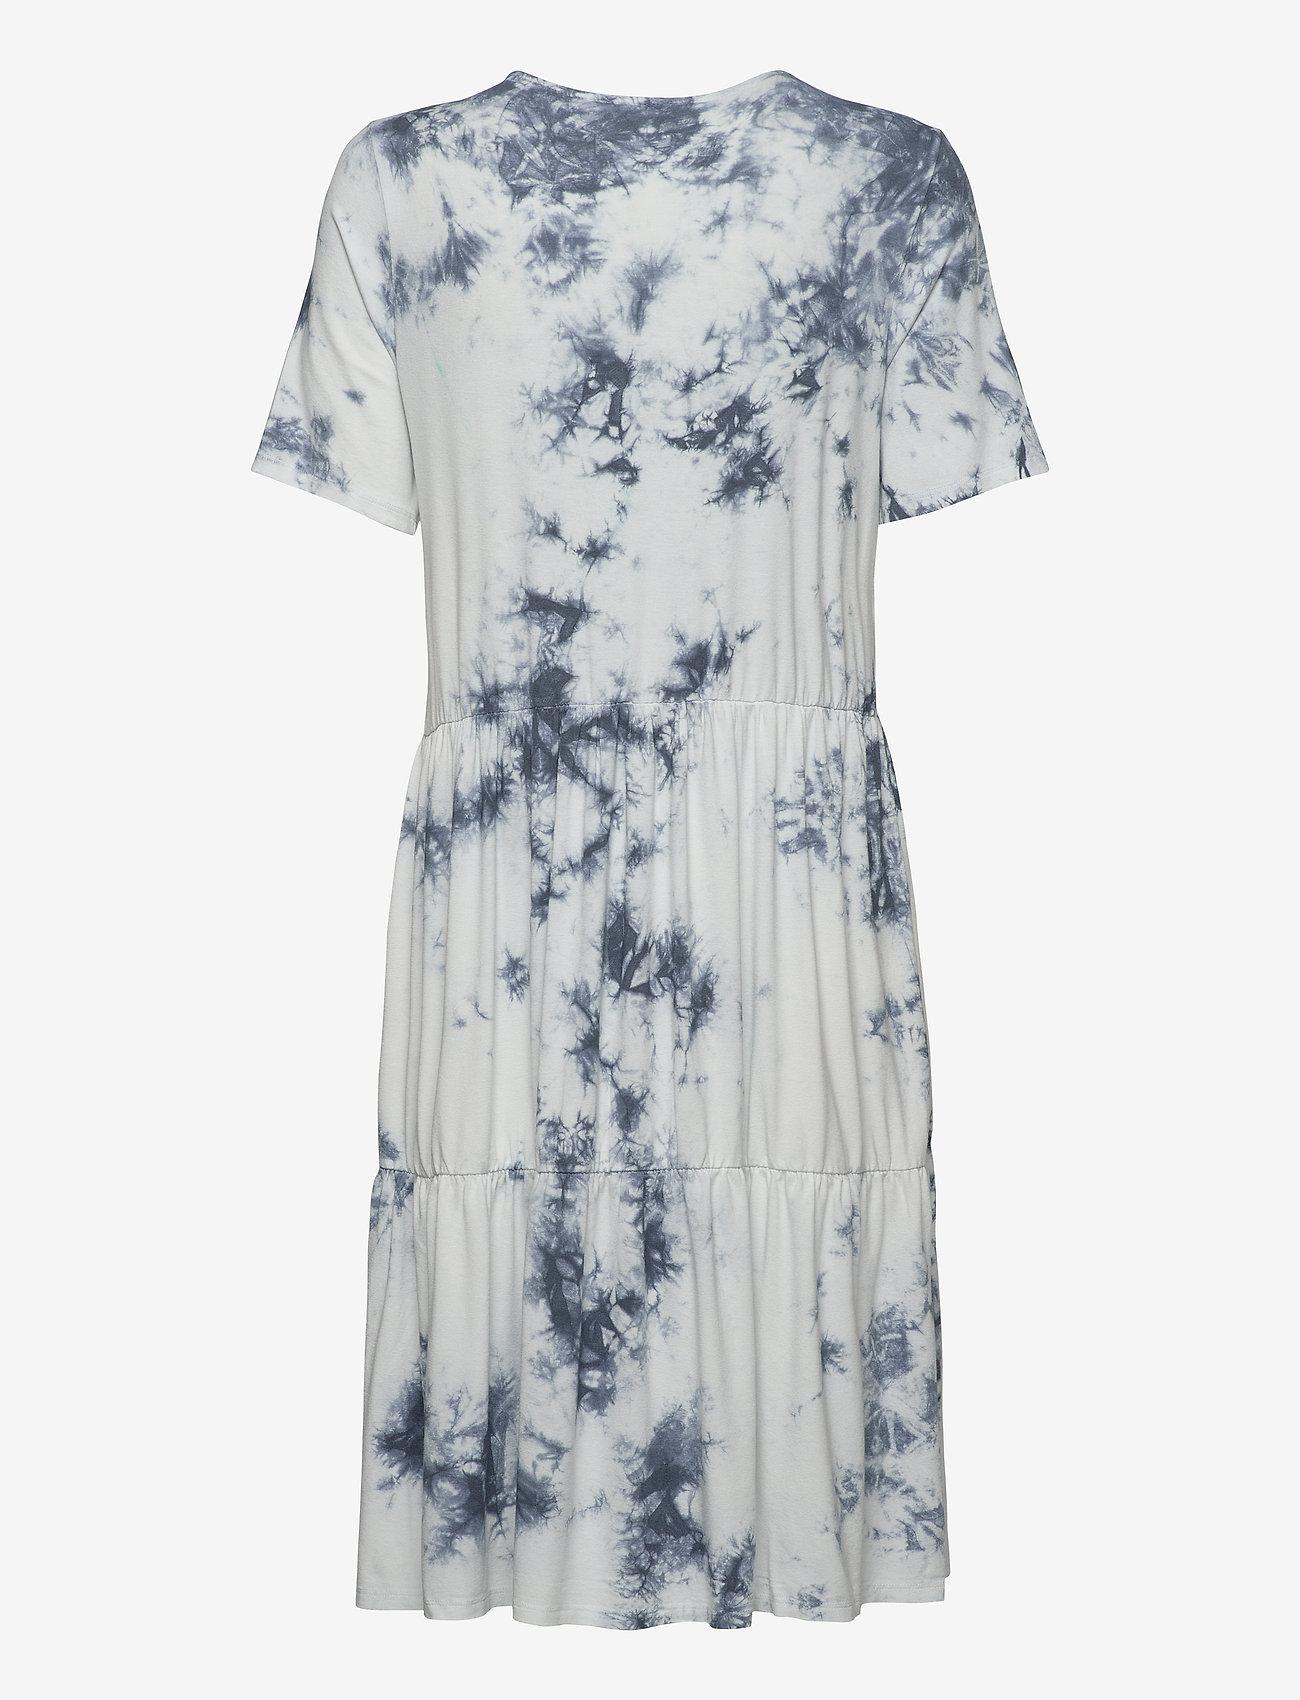 Cane Dress (Zen Blue) (47.97 €) - Modström QUmxs